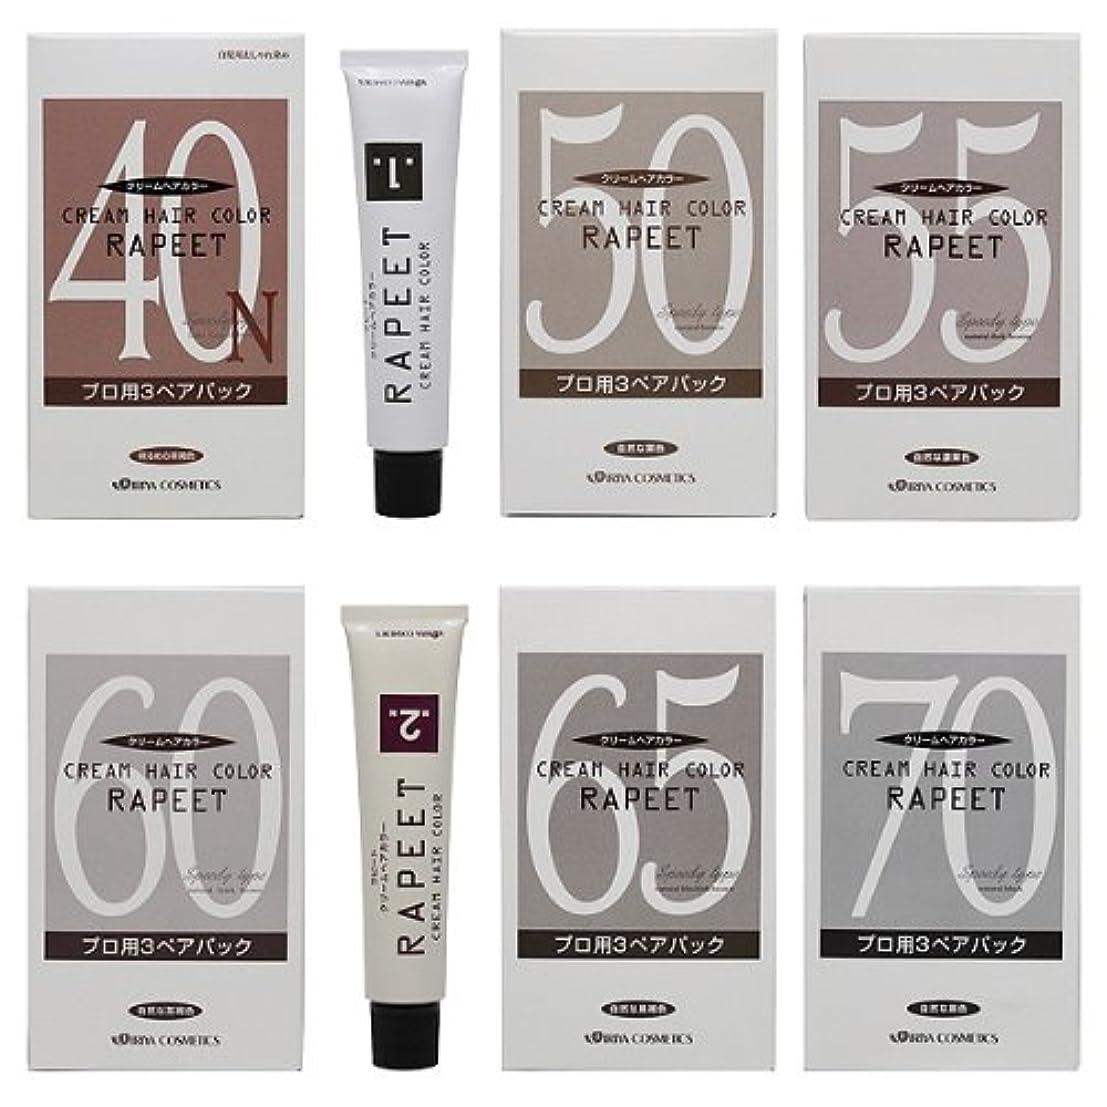 イリヤ化学 ラピート クリームヘアカラー プロ用3ペアパック 1?2剤各60g×各3本入 65 自然な黒褐色